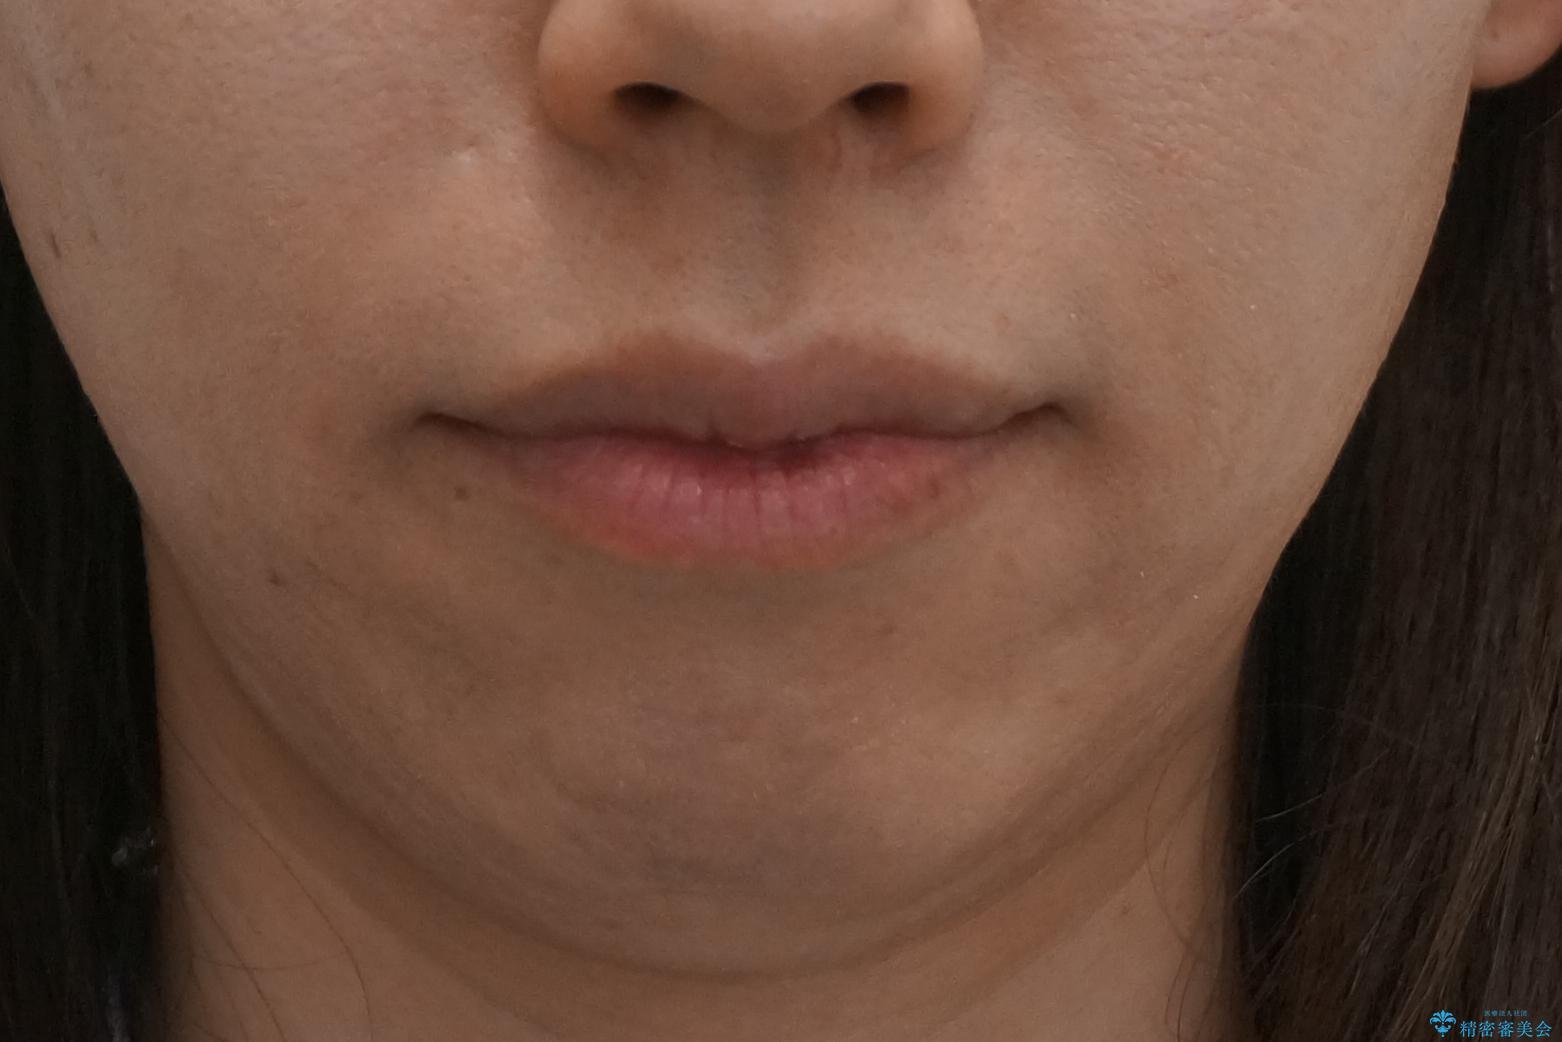 出っ歯 前歯のがたがた 口元を引っ込めたいの治療後(顔貌)